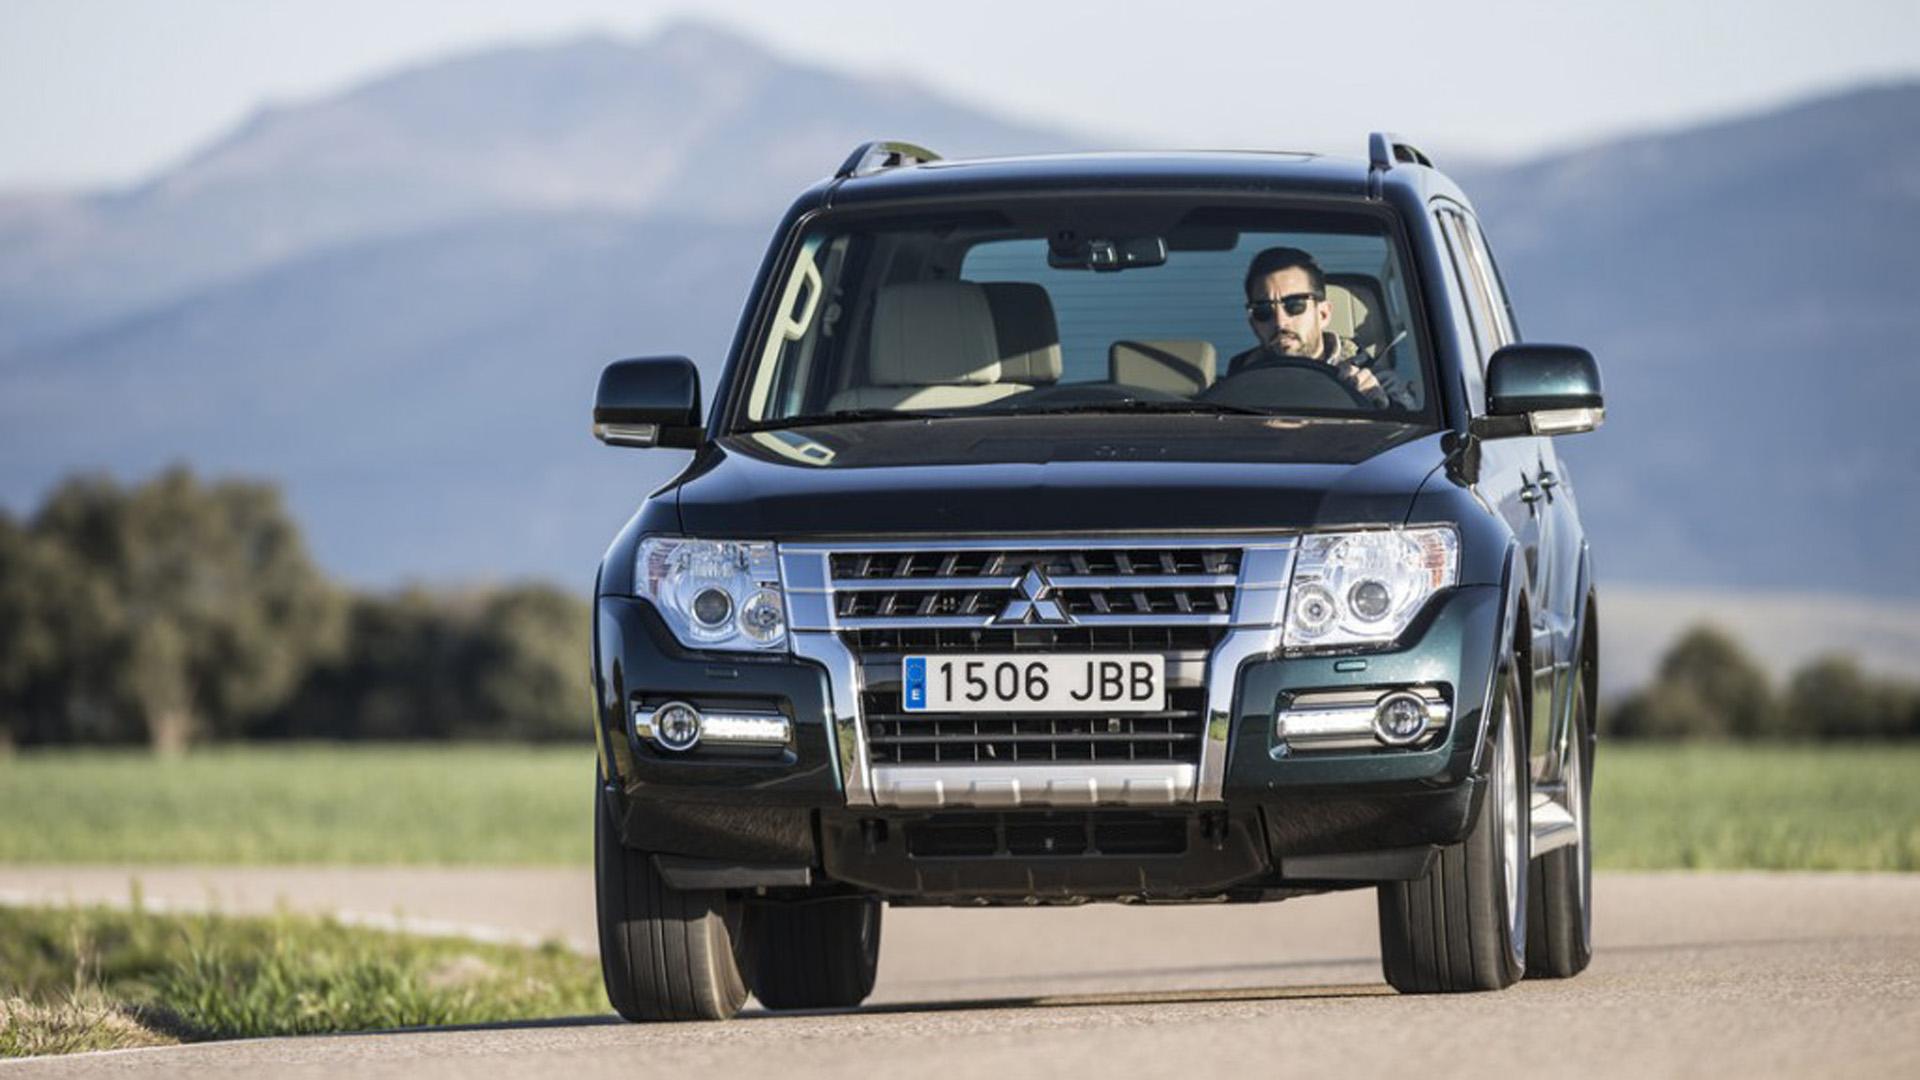 ¿Te crees más seguro conduciendo un SUV? Estás equivocado